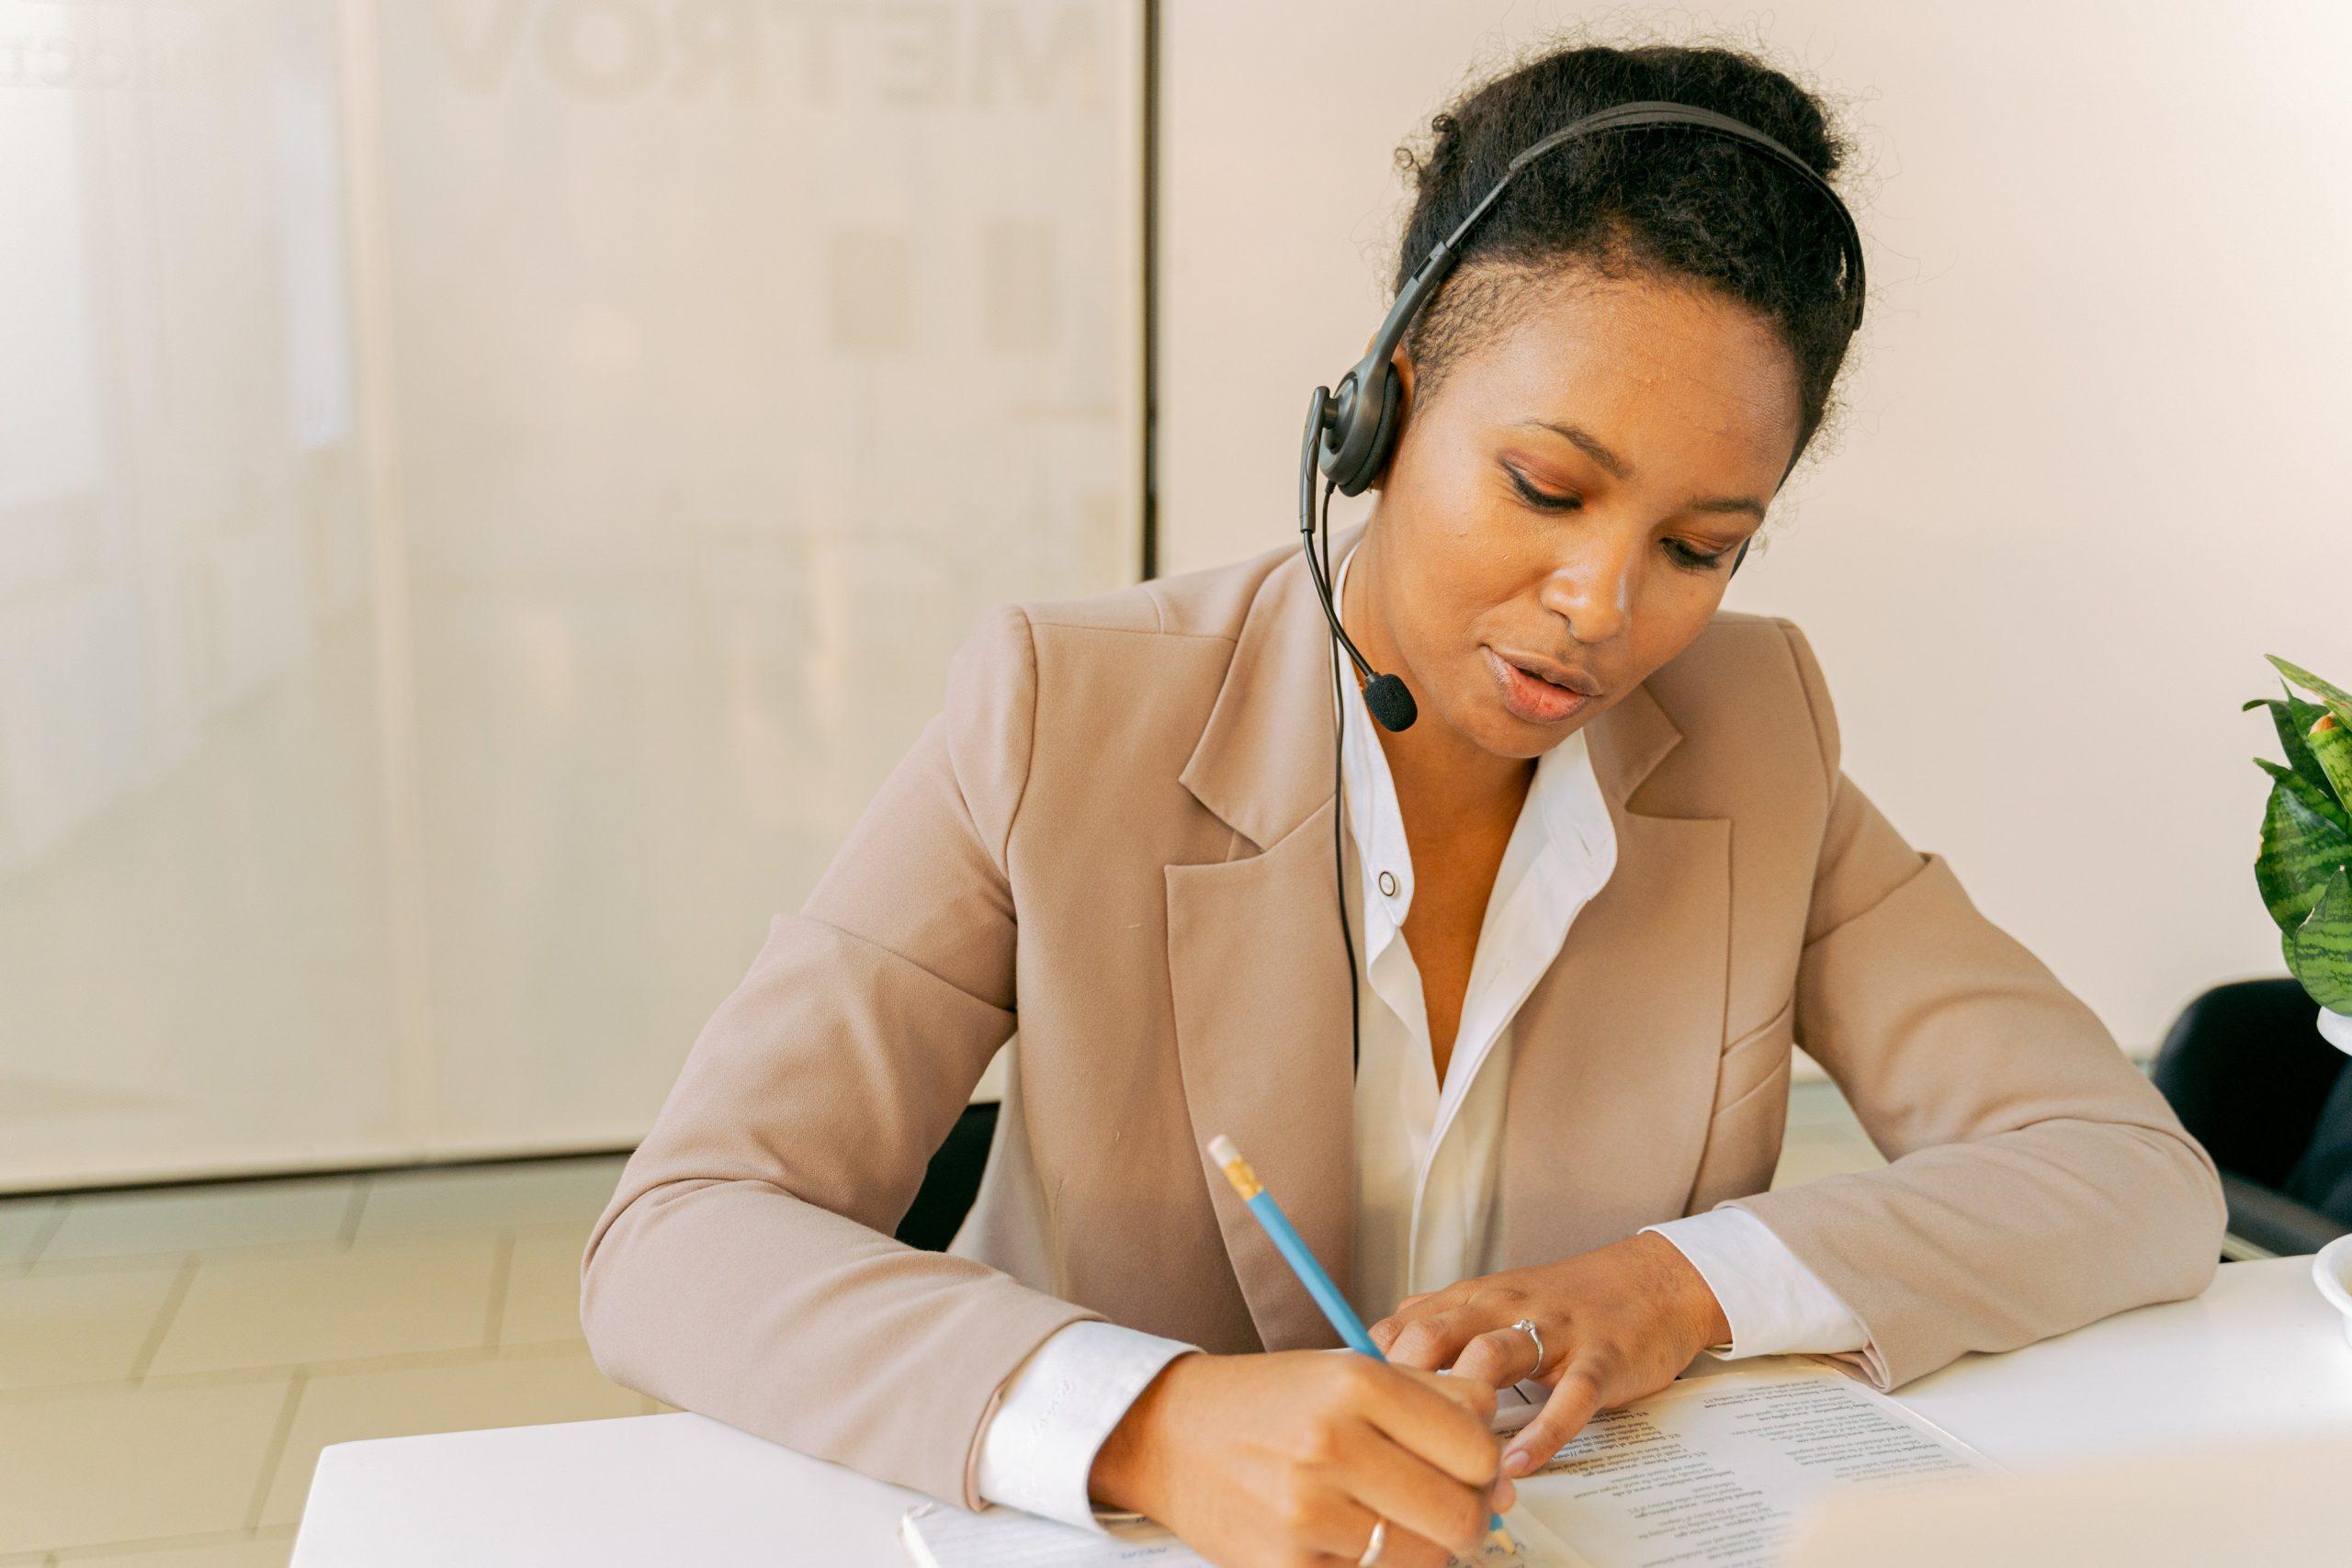 Imagem mostra uma mulher com roupa social usado um headset enquanto faz anotações.